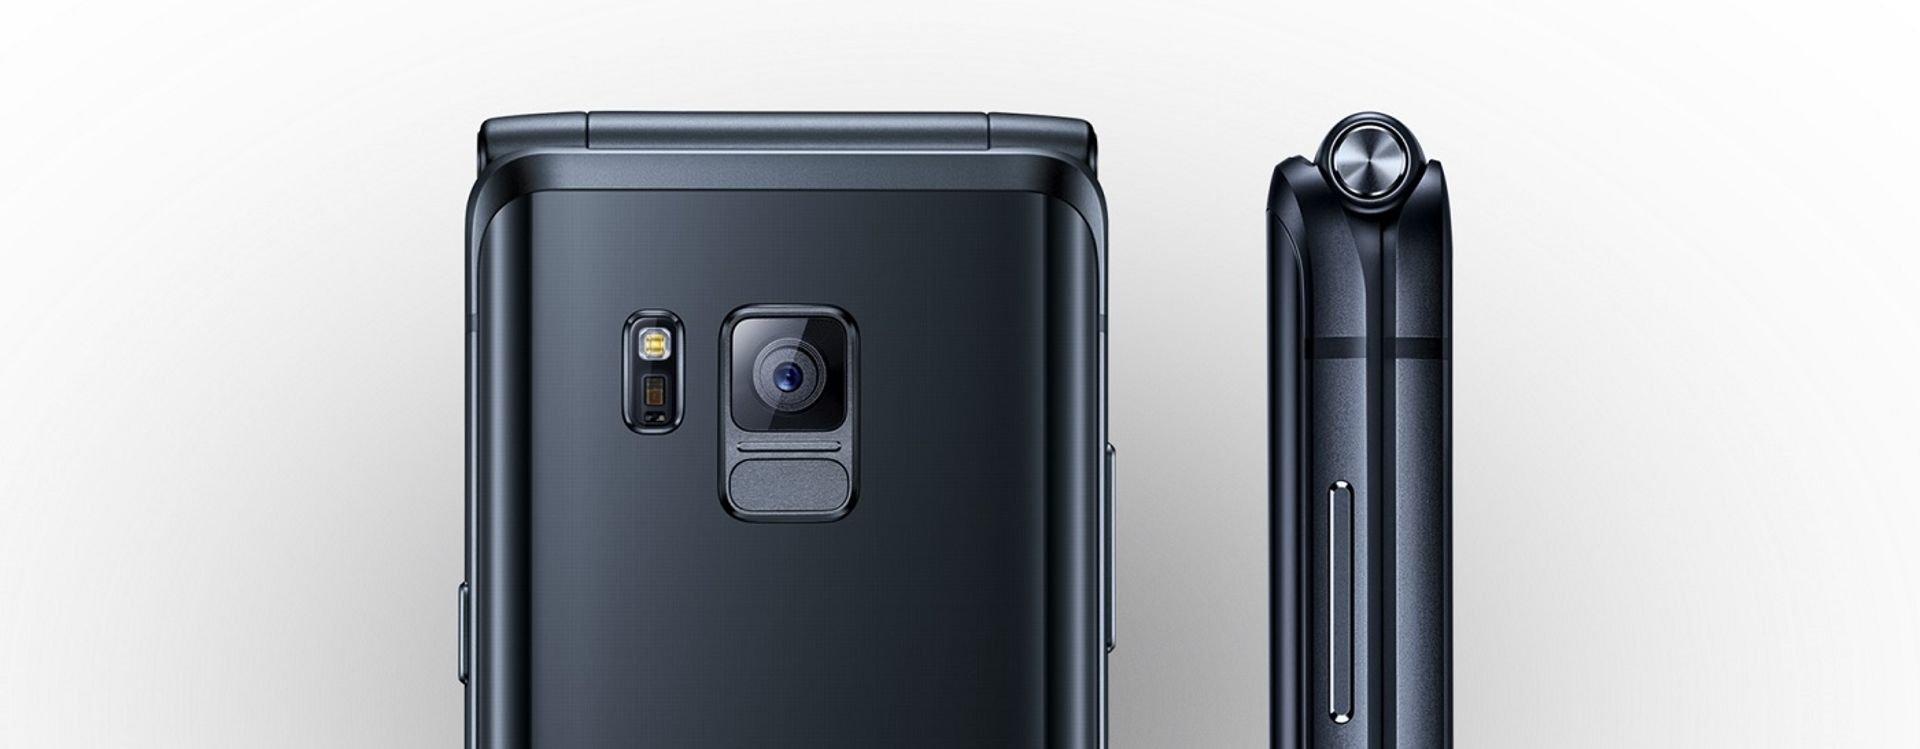 تجذب هواتف سامسونج W2017 الجديدة  محبي الهواتف التقليدية القابلة للطي.